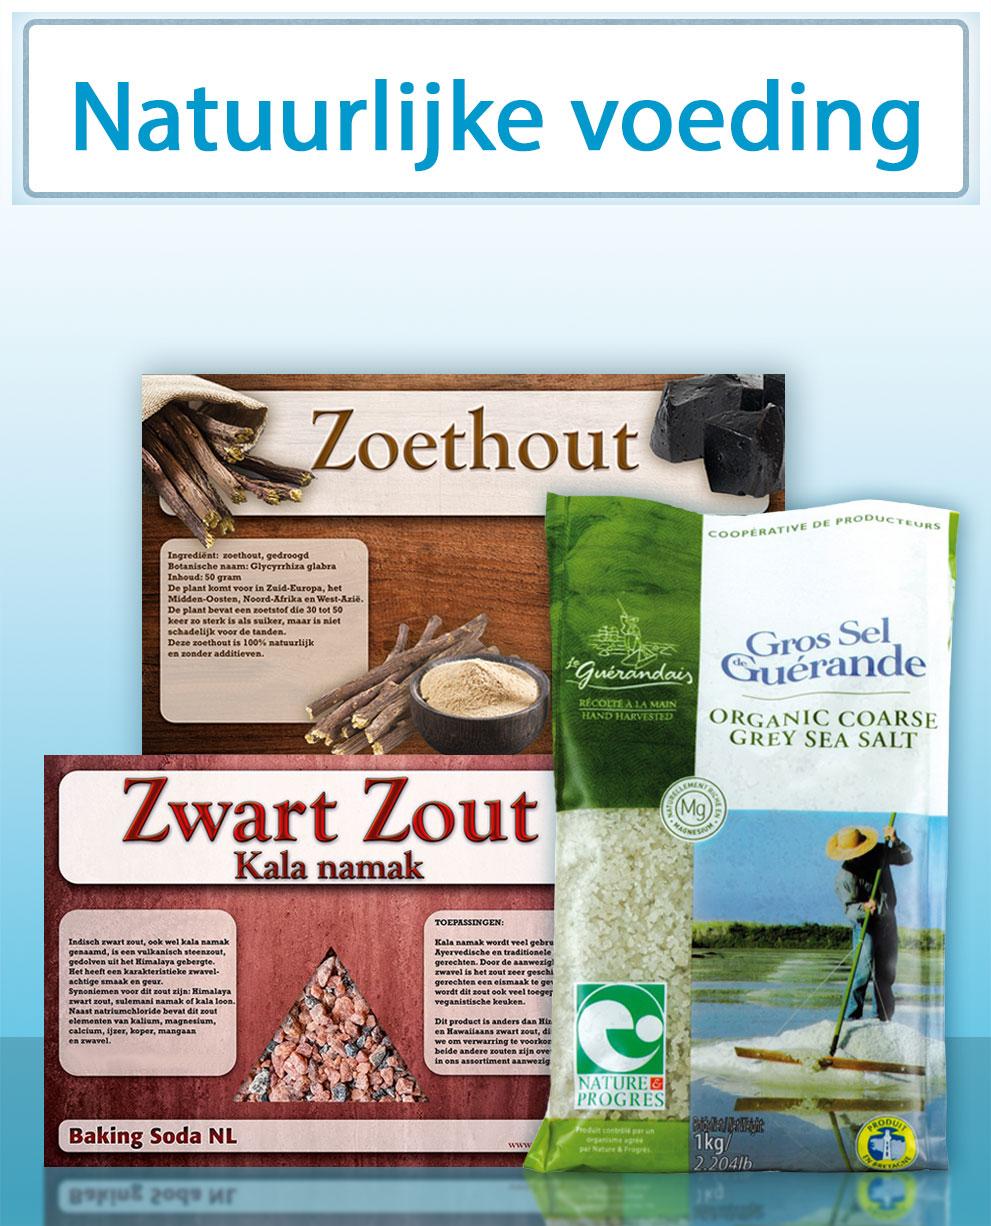 Categorie-09-Natuurlijke-voeding-bakingsoda-nl